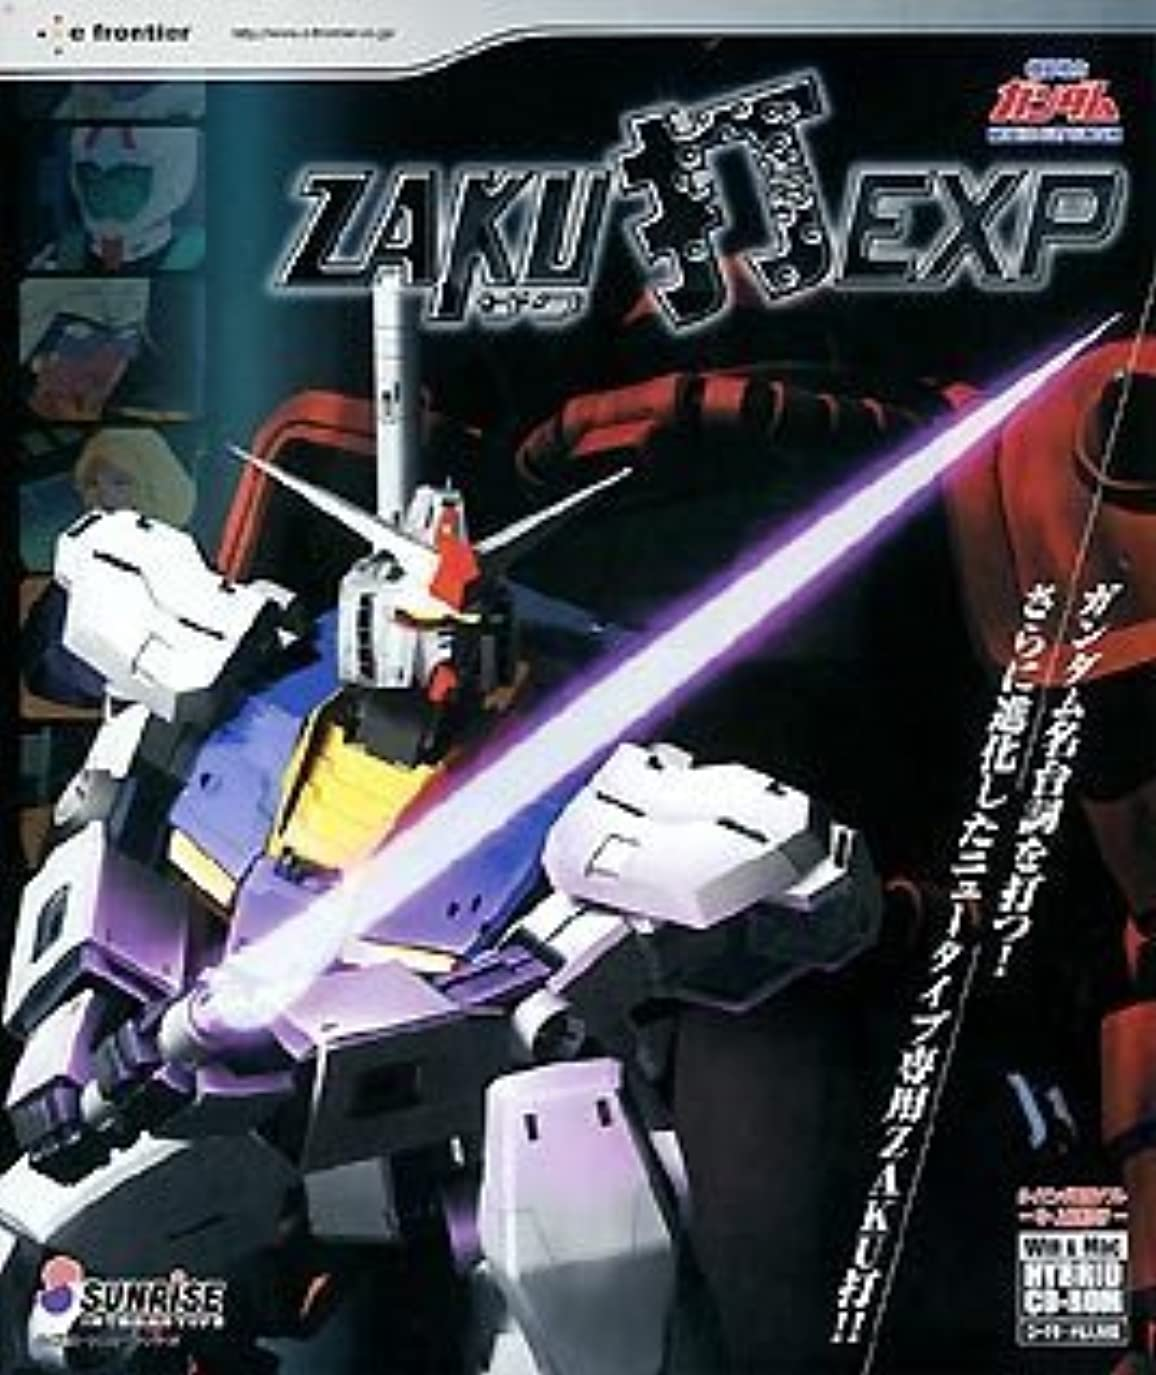 気分が良いページ誤解する機動戦士ガンダム ~ZAKU打 EXP